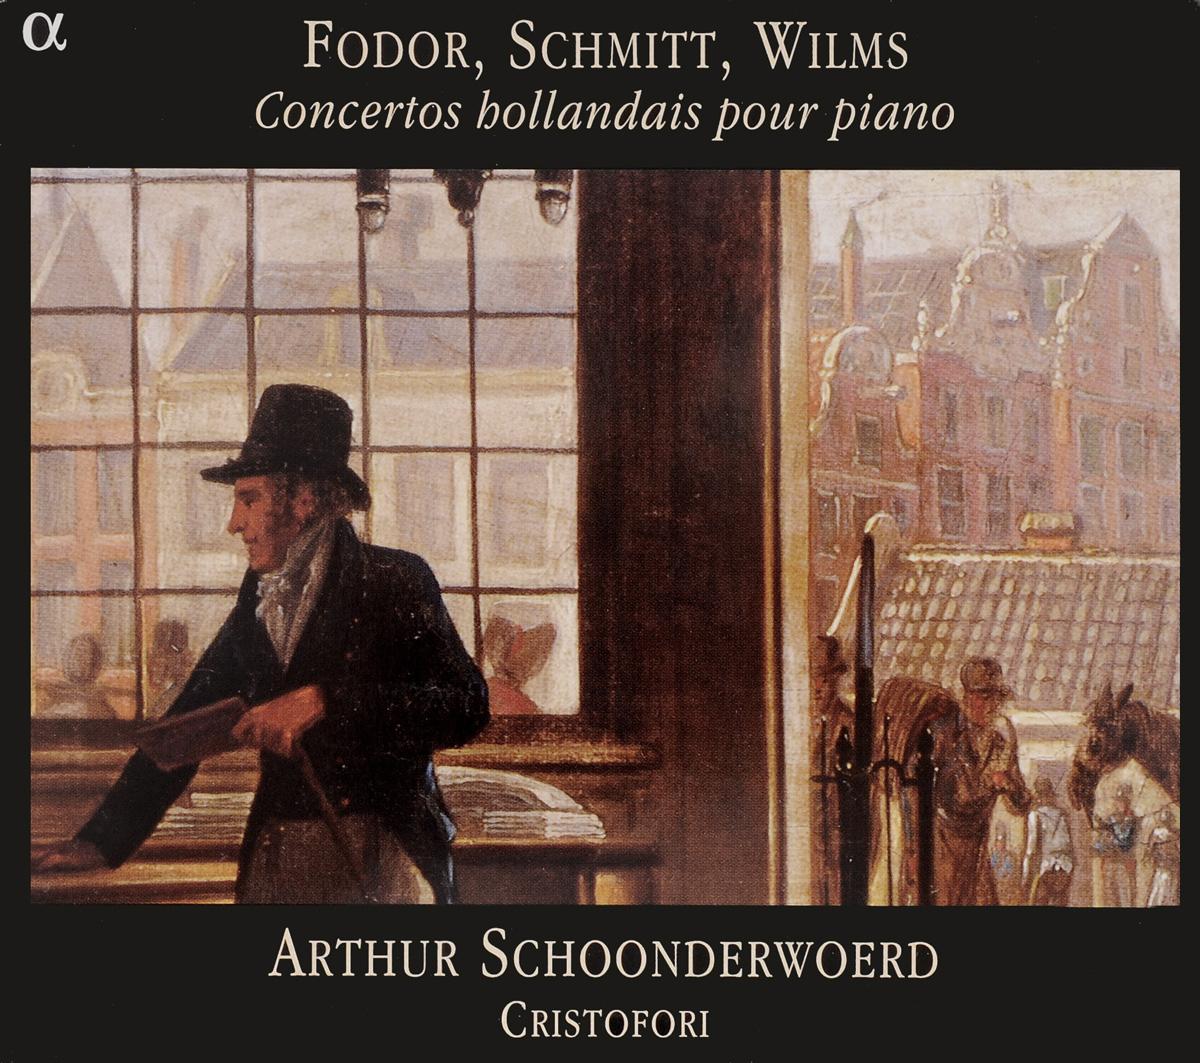 цены на Fodor / Schmitt / Wilms - Arthur Schoonderwoerd, Cristofori. Concertos Hollandais Pour Piano  в интернет-магазинах